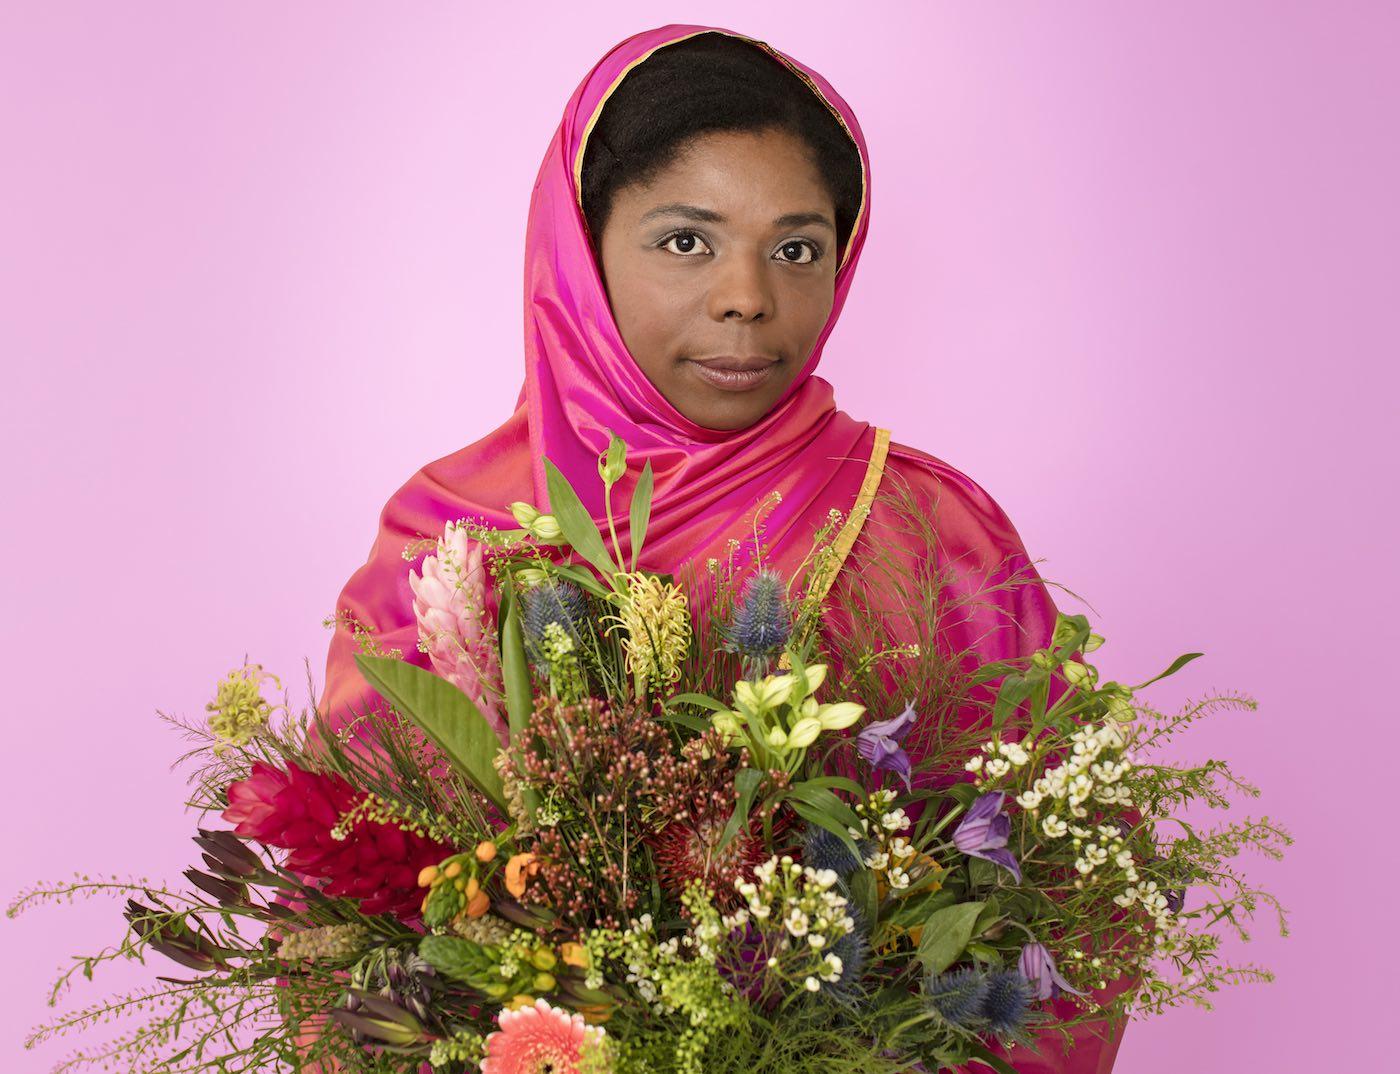 Junge Frau mit Blumenstrauß | berlinmitkind.de